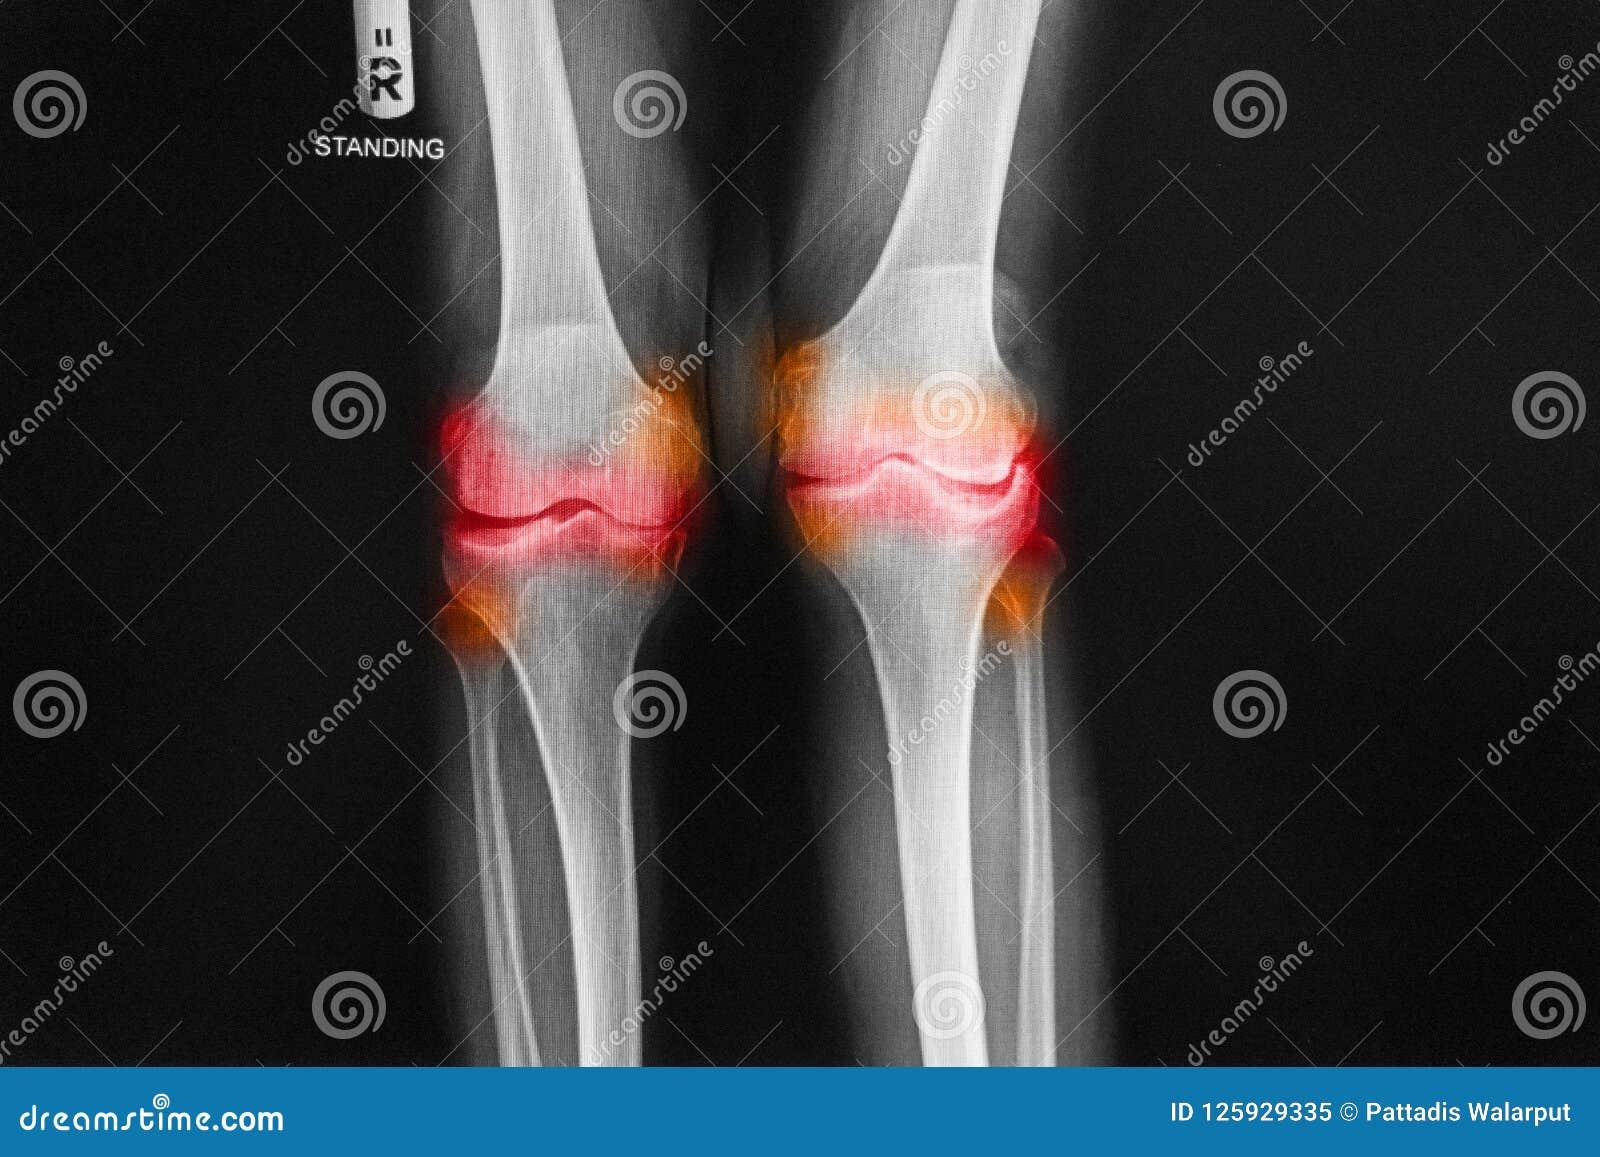 骨关节炎右膝先前影片的X-射线AP -膝盖的后部